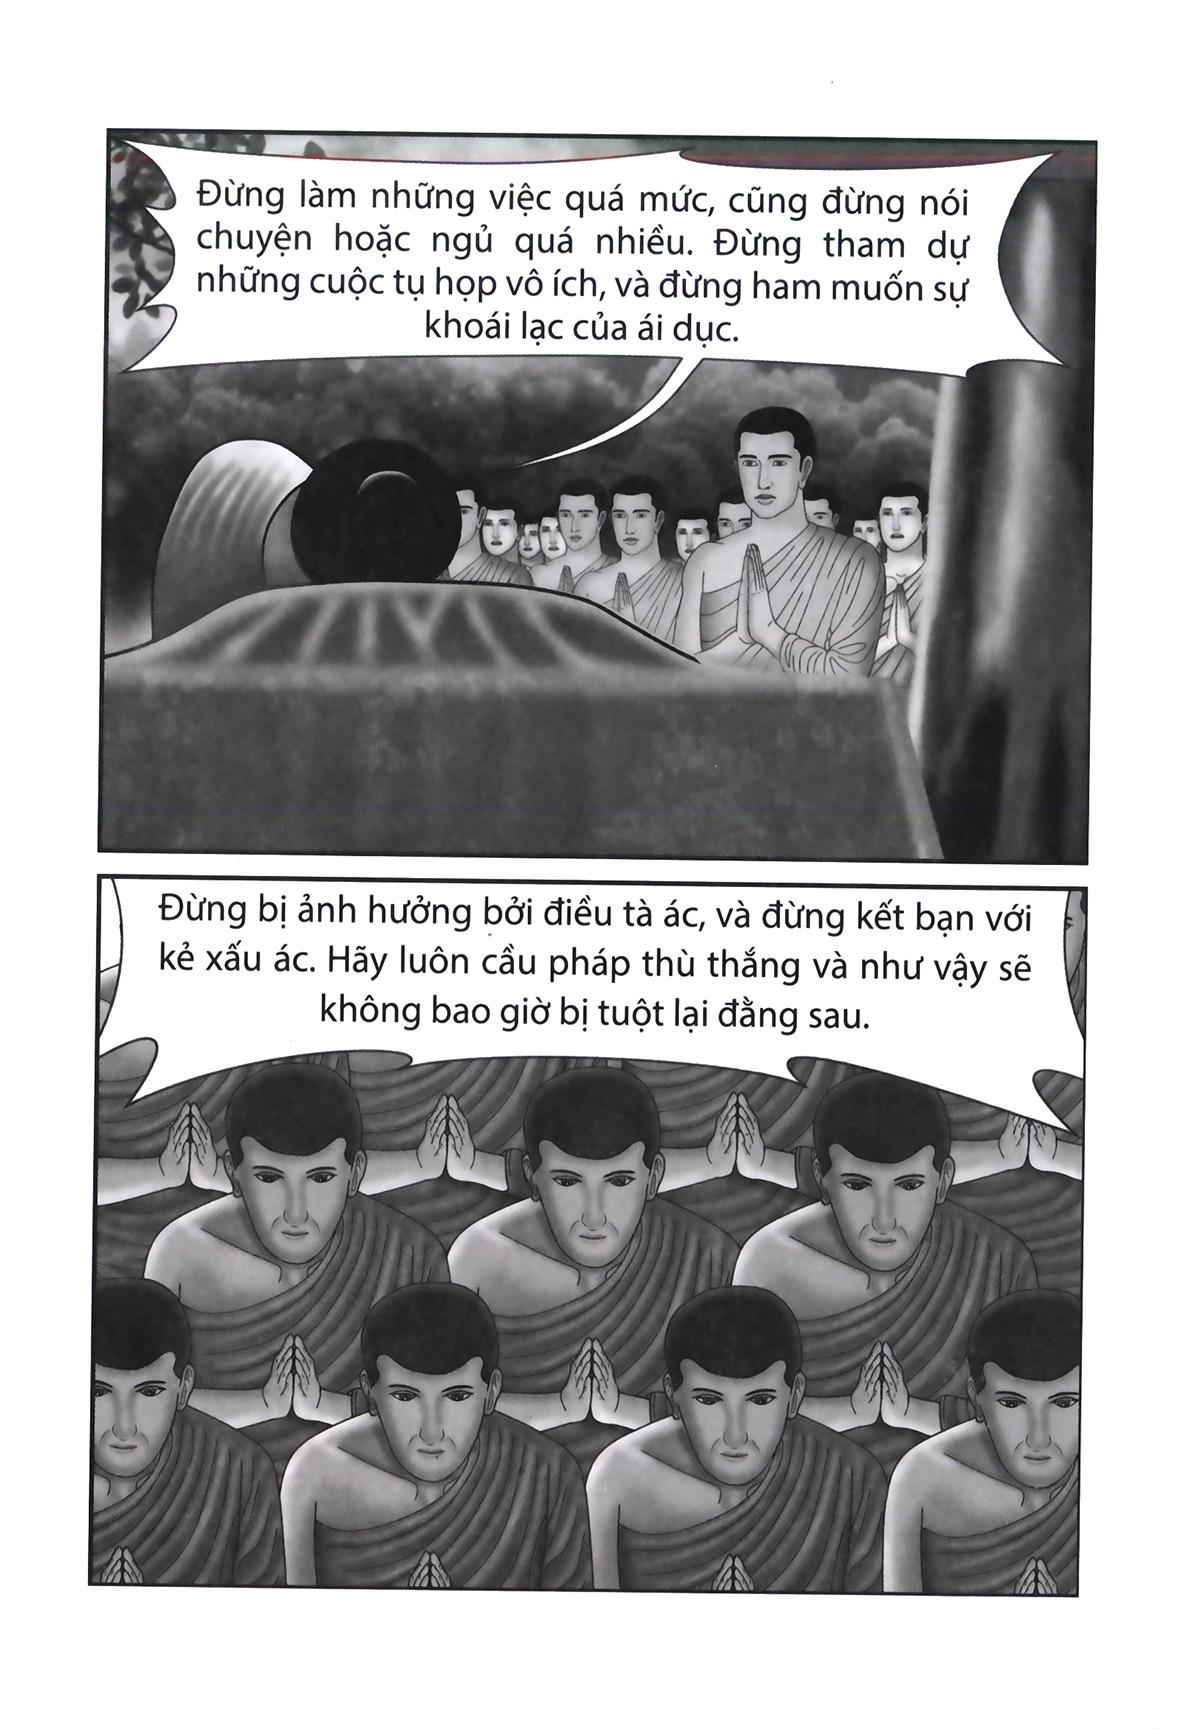 Truyện tranh Phật giáo Comicvn